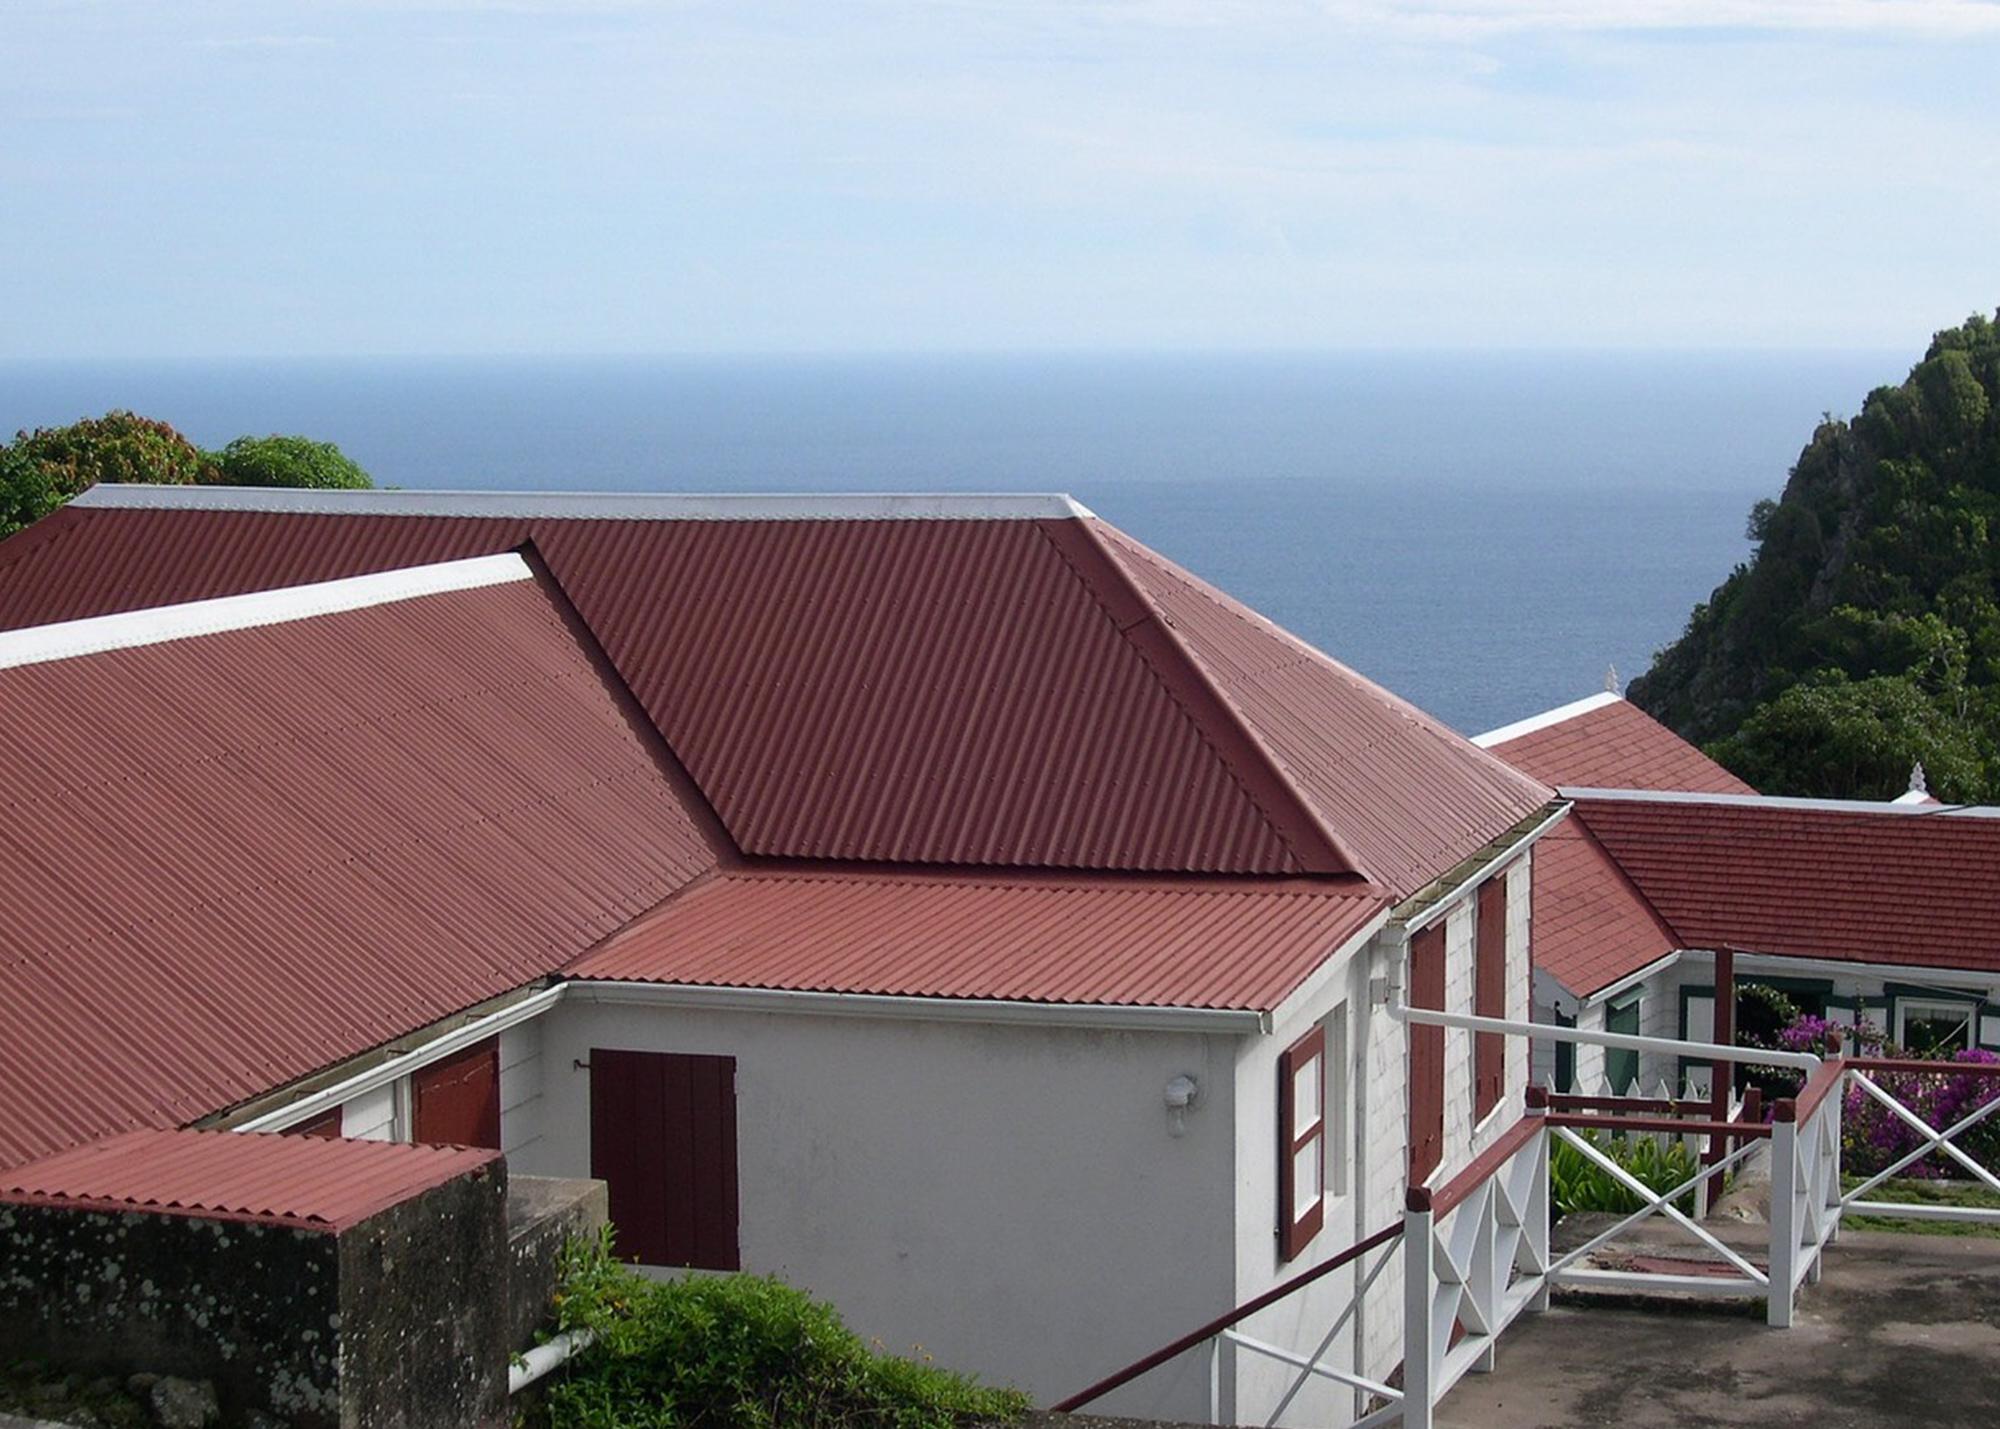 standing-seam-metal-roof.jpg